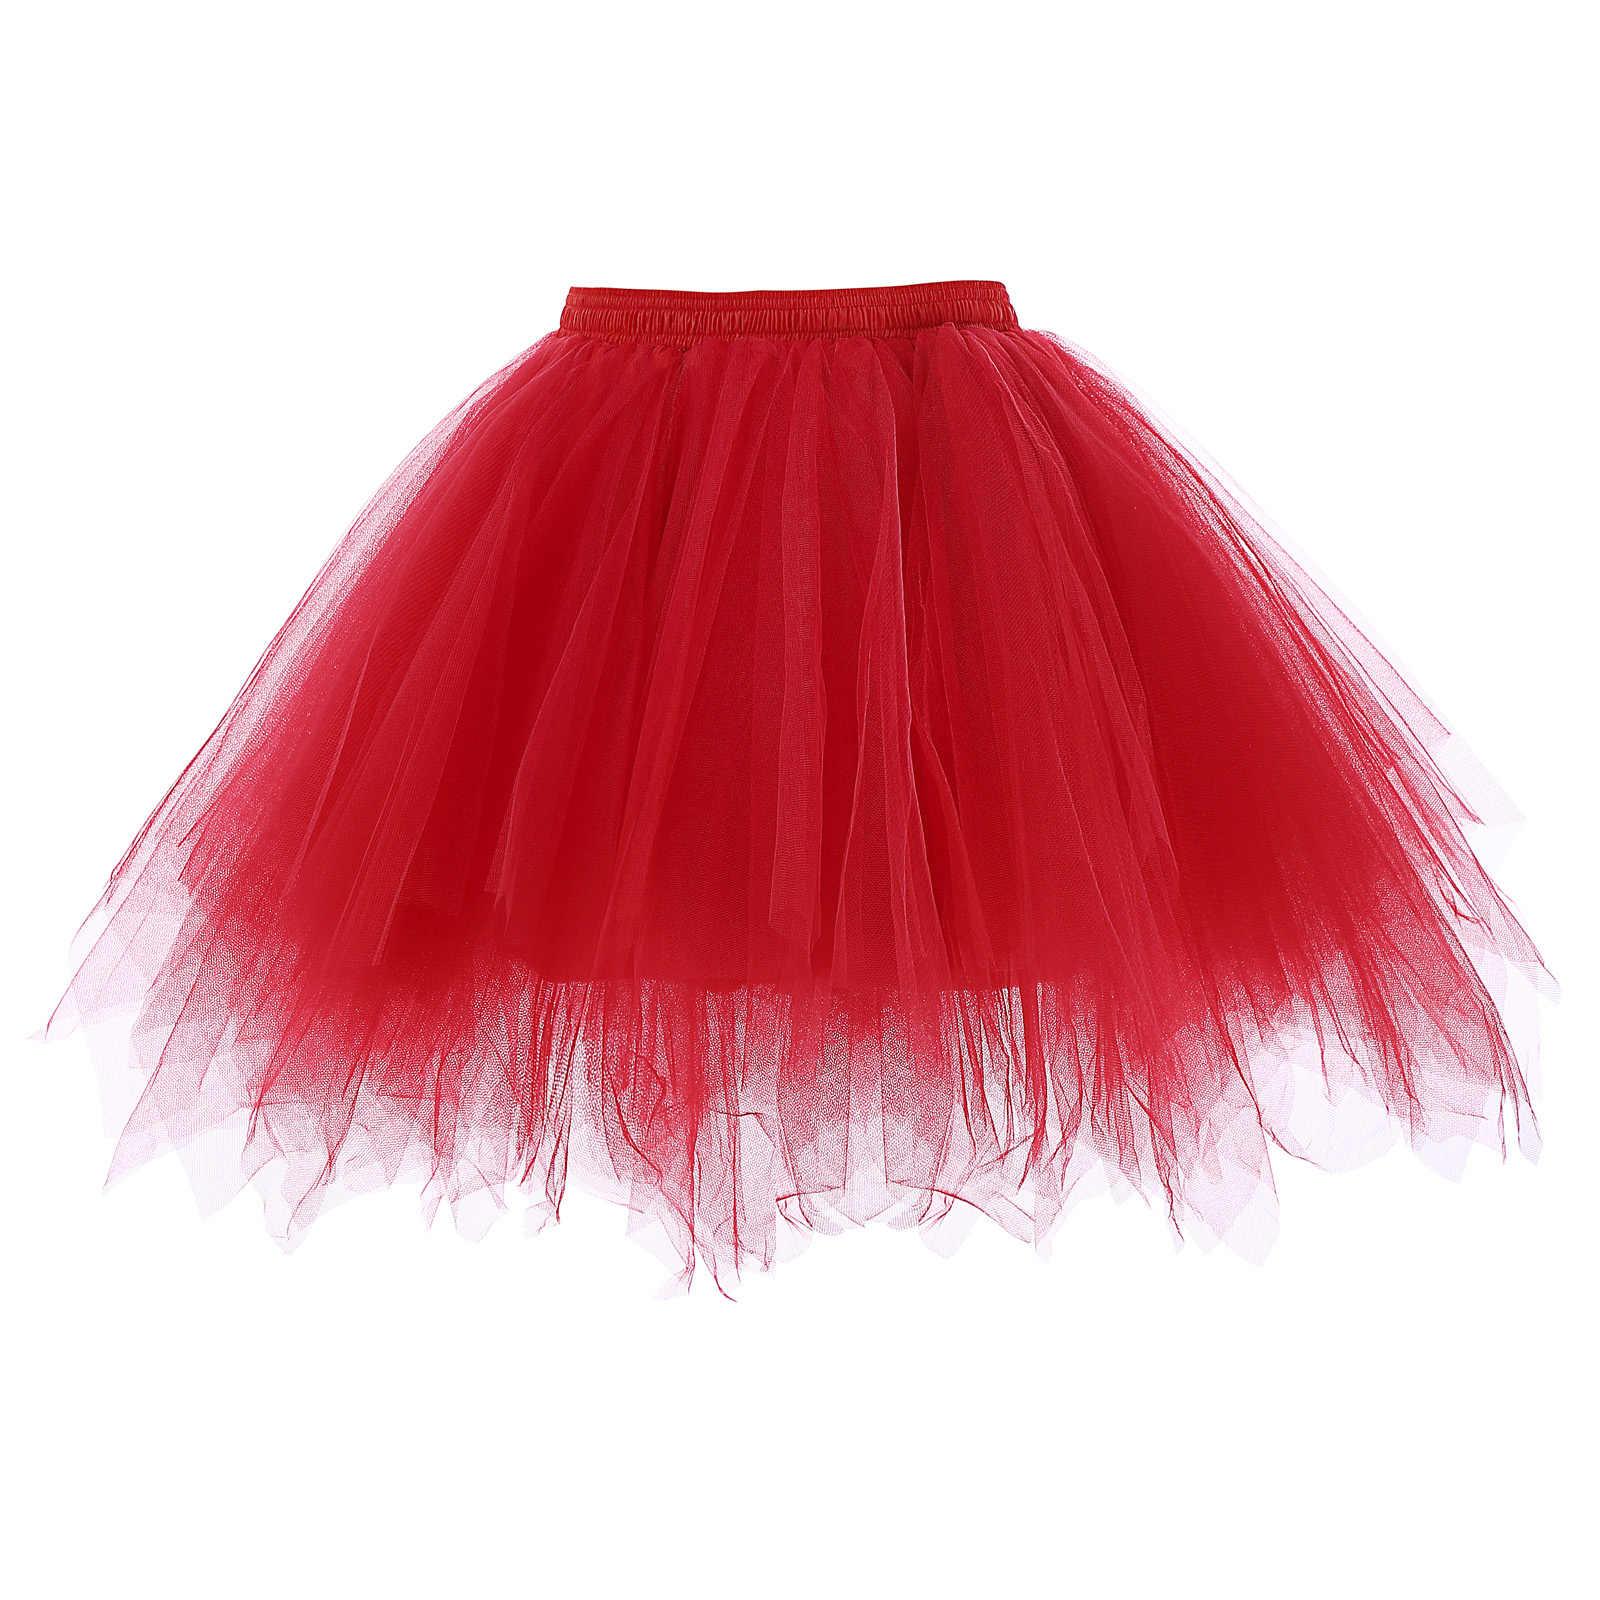 b92c6ce796 KK stock Women white black red Soft Tulle Netting Retro skirt Vintage  Crinoline Petticoat Unde short